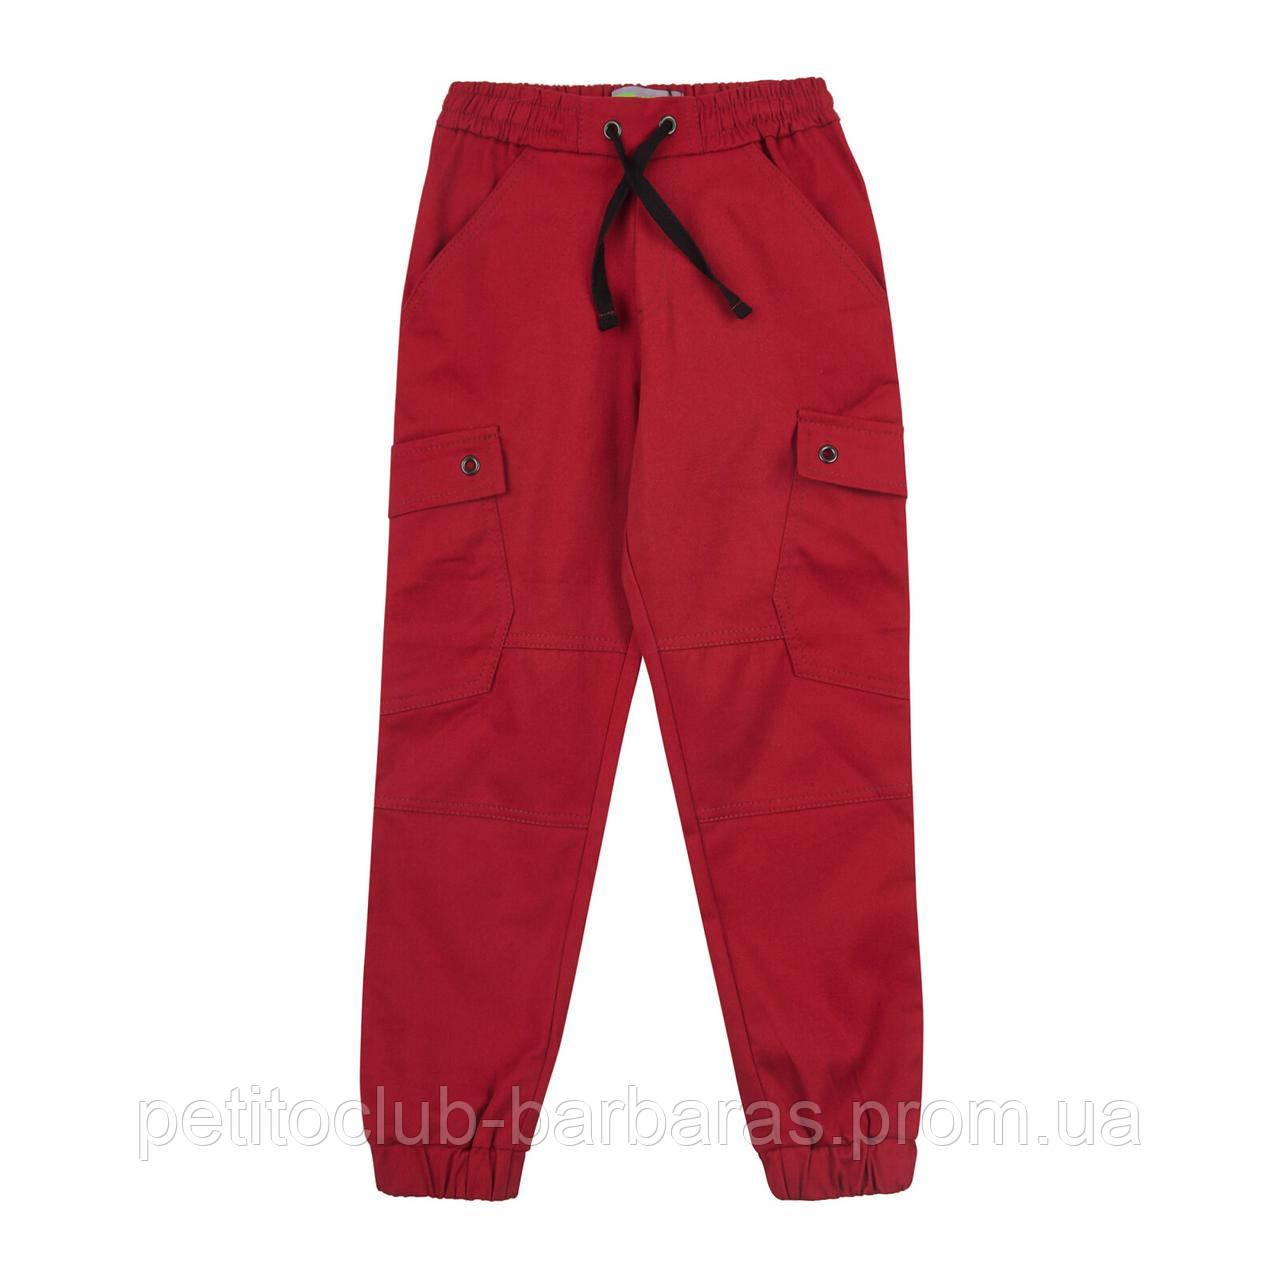 Детские брюки джоггеры на резинке для мальчика бордо (р.116-140 см) (KIT-Lime, Украина)